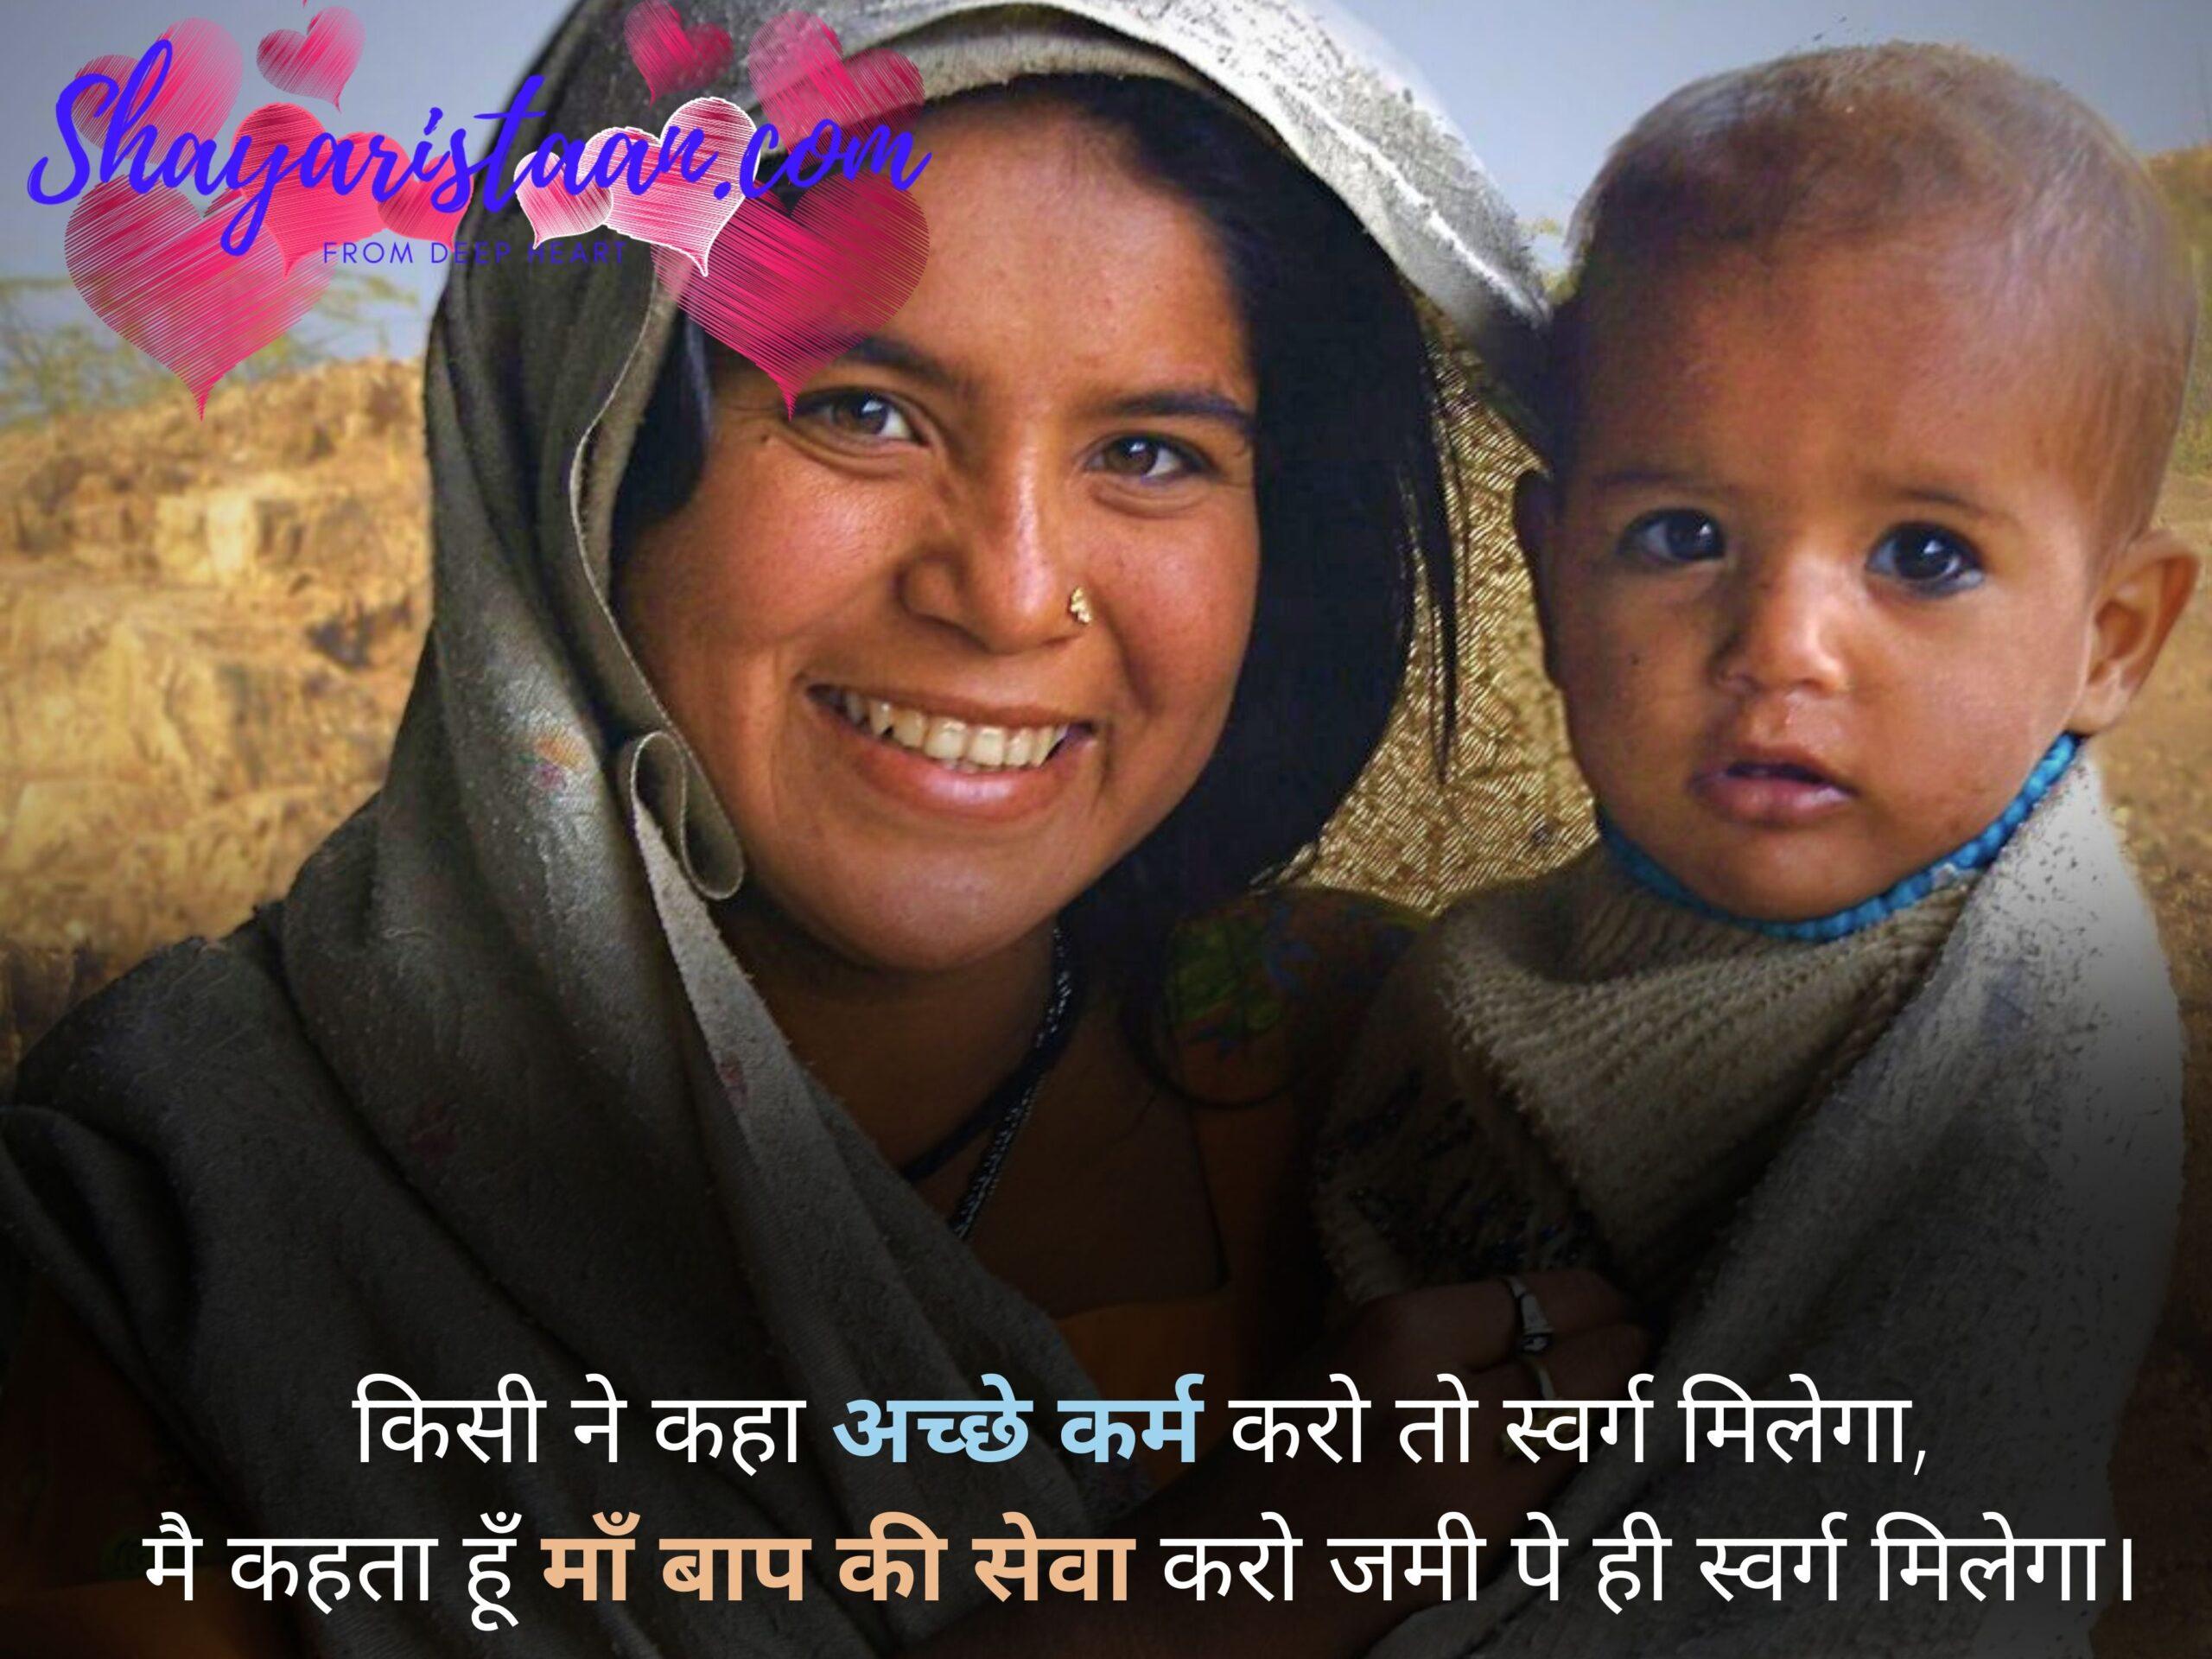 quotes on mother in hindi   किसी ने कहा अच्छे कर्म करो तो स्वर्ग मिलेगा, मै कहता हूँ माँ बाप की सेवा करो जमी पे ही स्वर्ग मिलेगा।